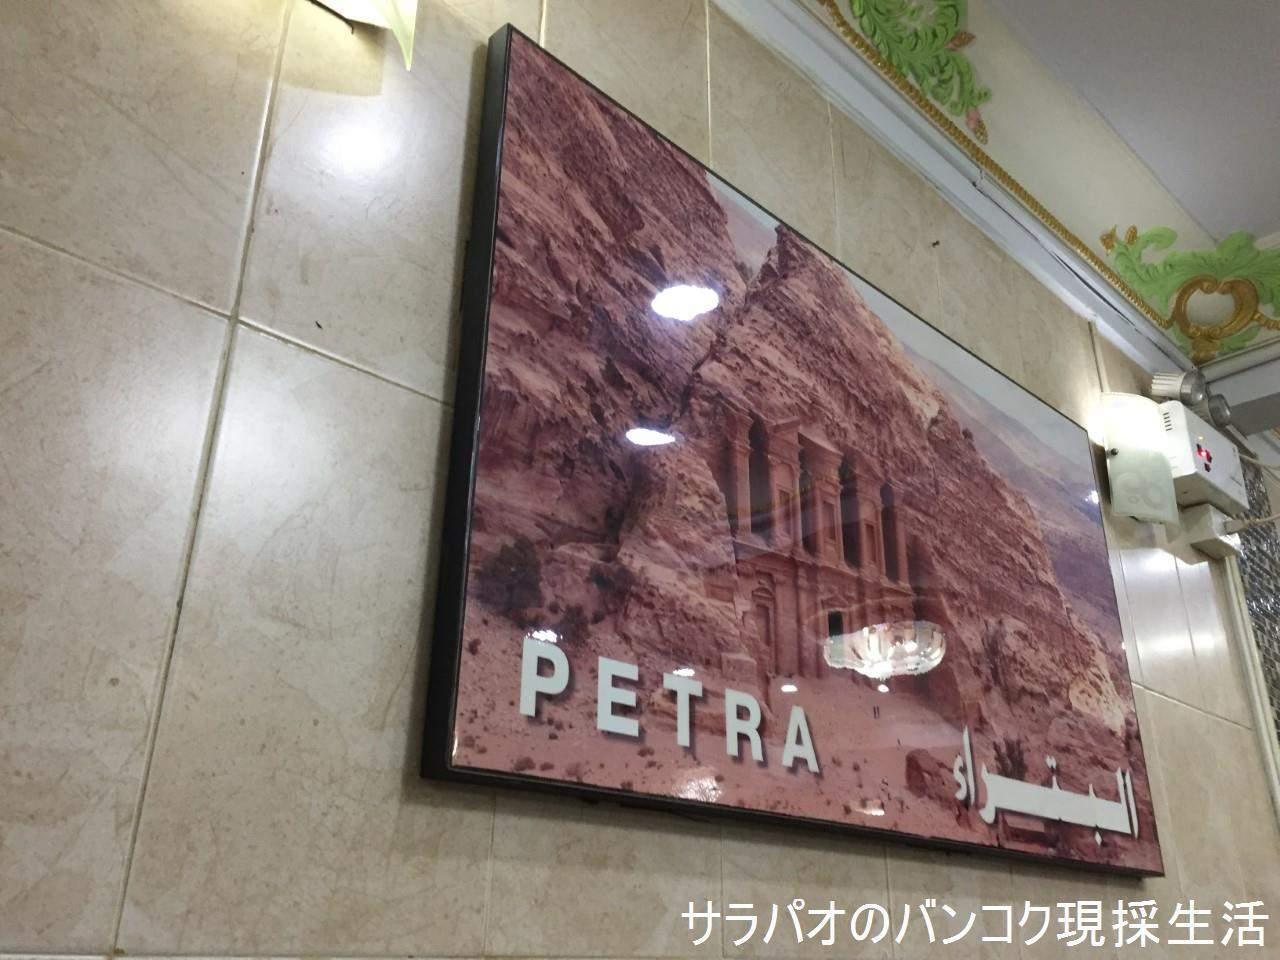 Petra_08.jpg